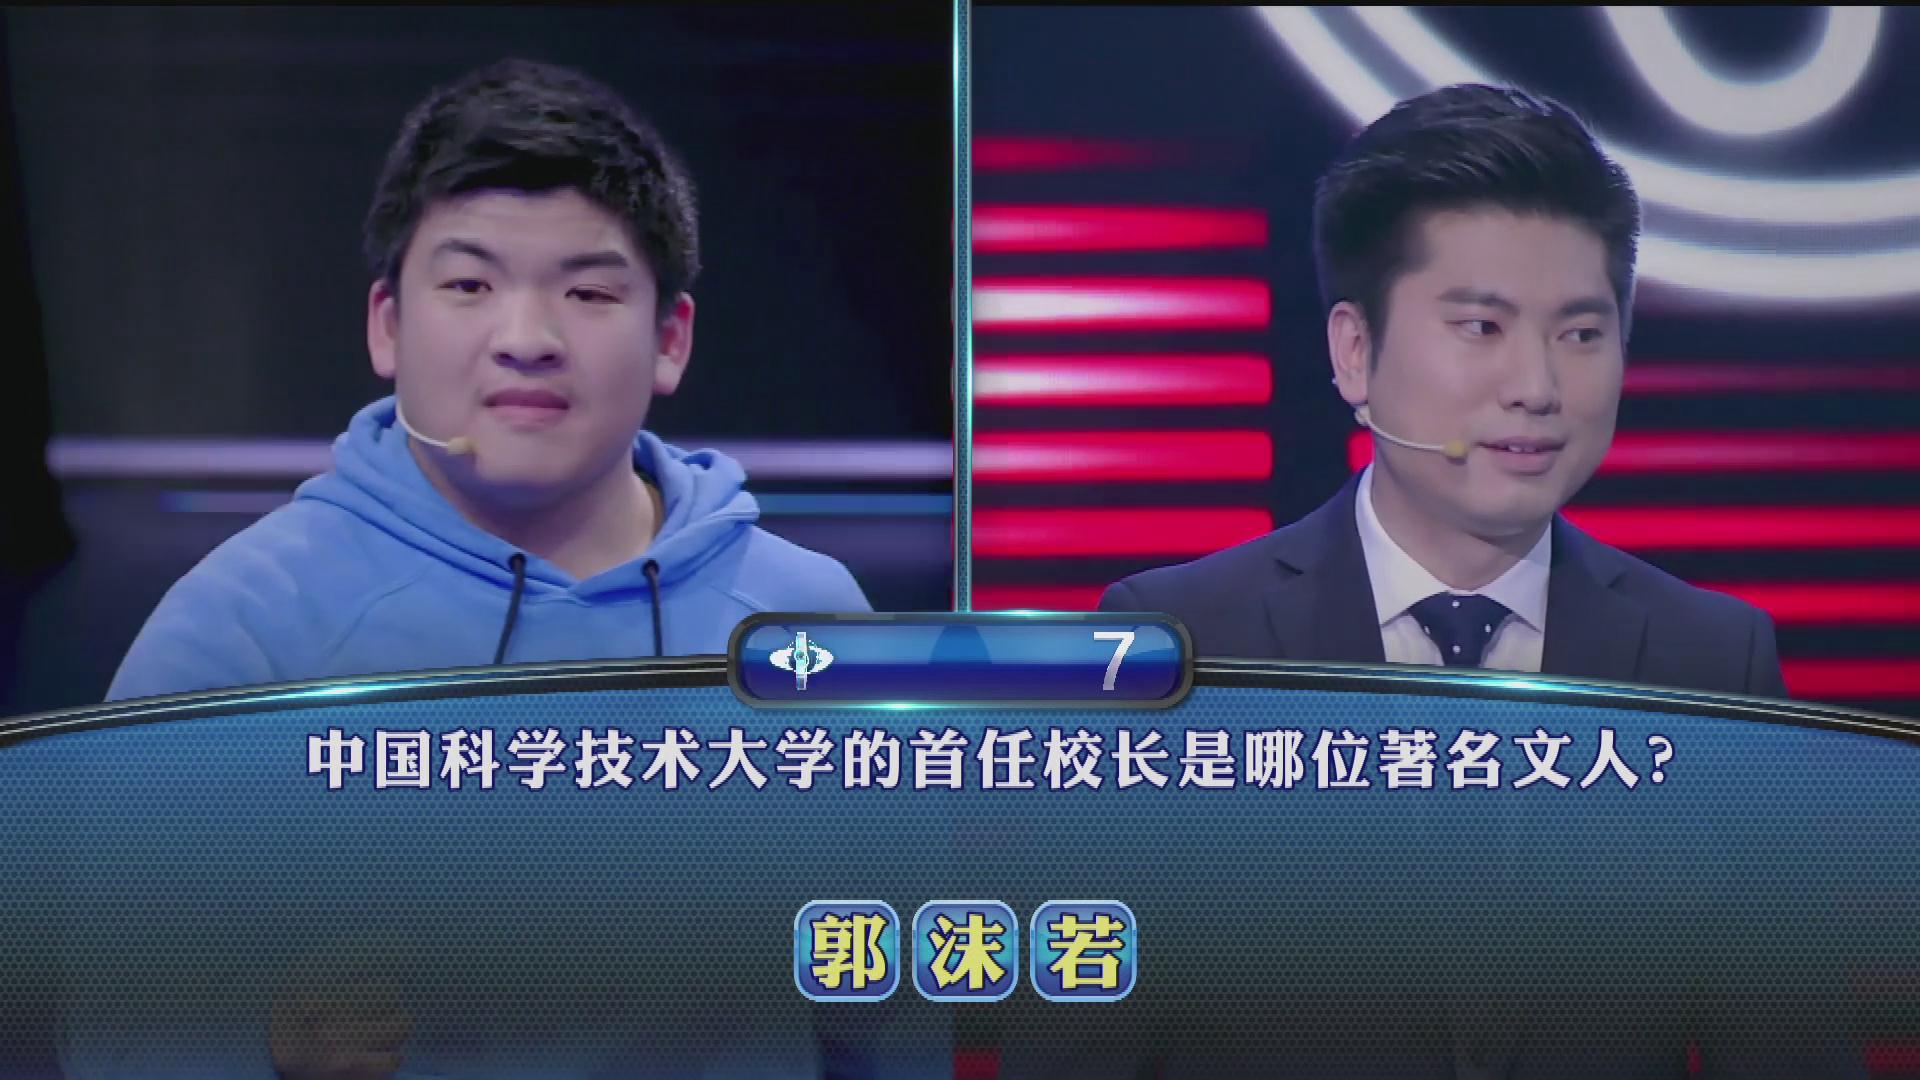 一站到底:听说郭沫若还曾是中国科学技术大学首任校长?佩服!